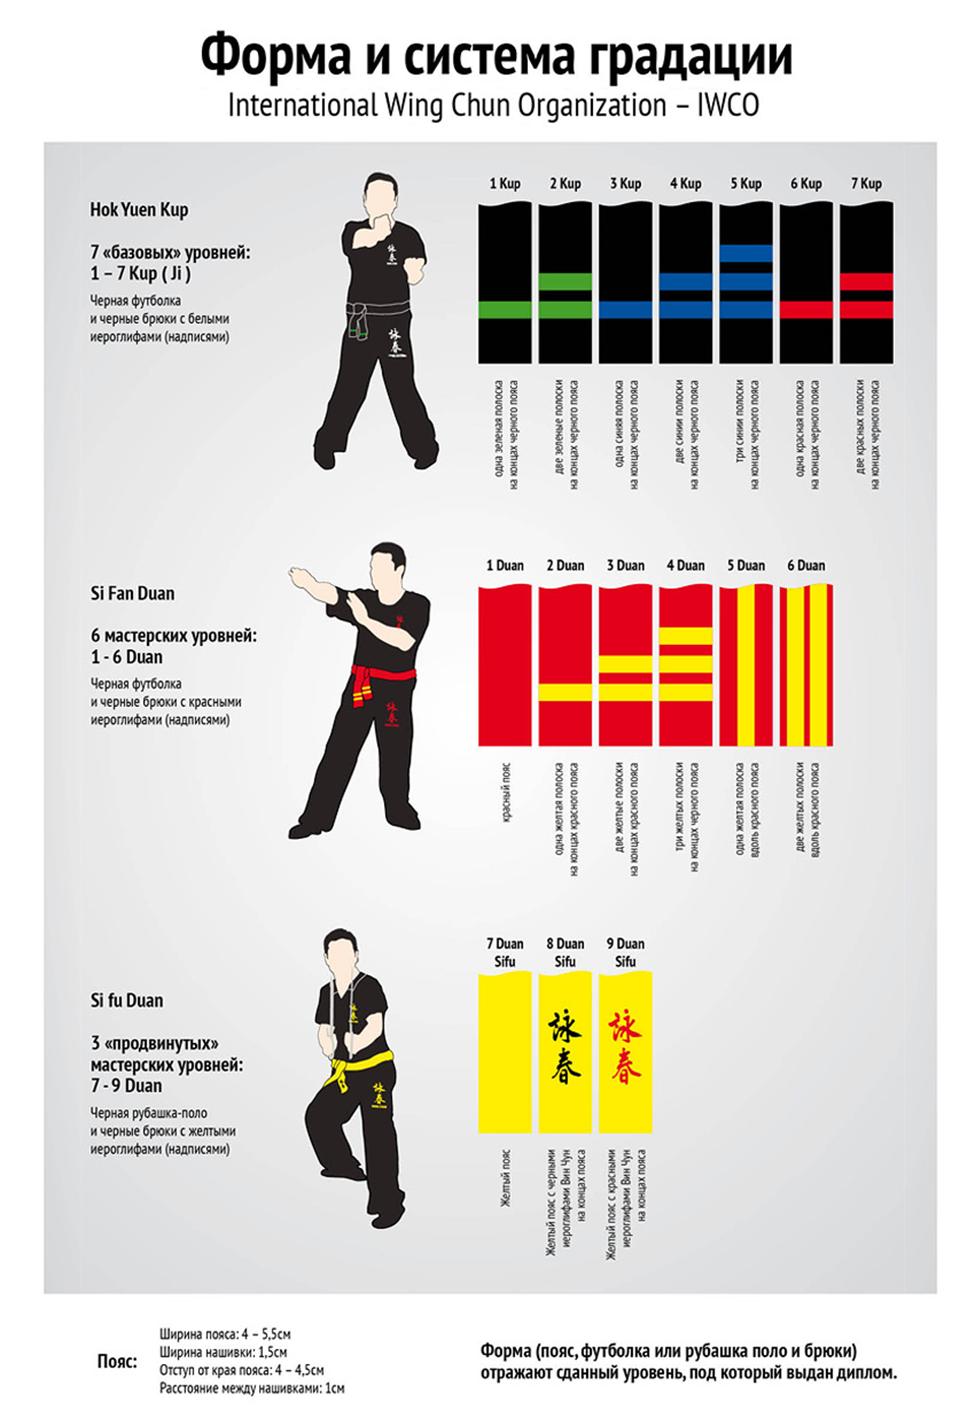 Казахстанские мастера восточного единоборства Вин Чун Борьба  Применение формы соответствующей определенному уровню возможно лишь после сдачи экзамена и получения диплома Экзамен проводится с целью определения